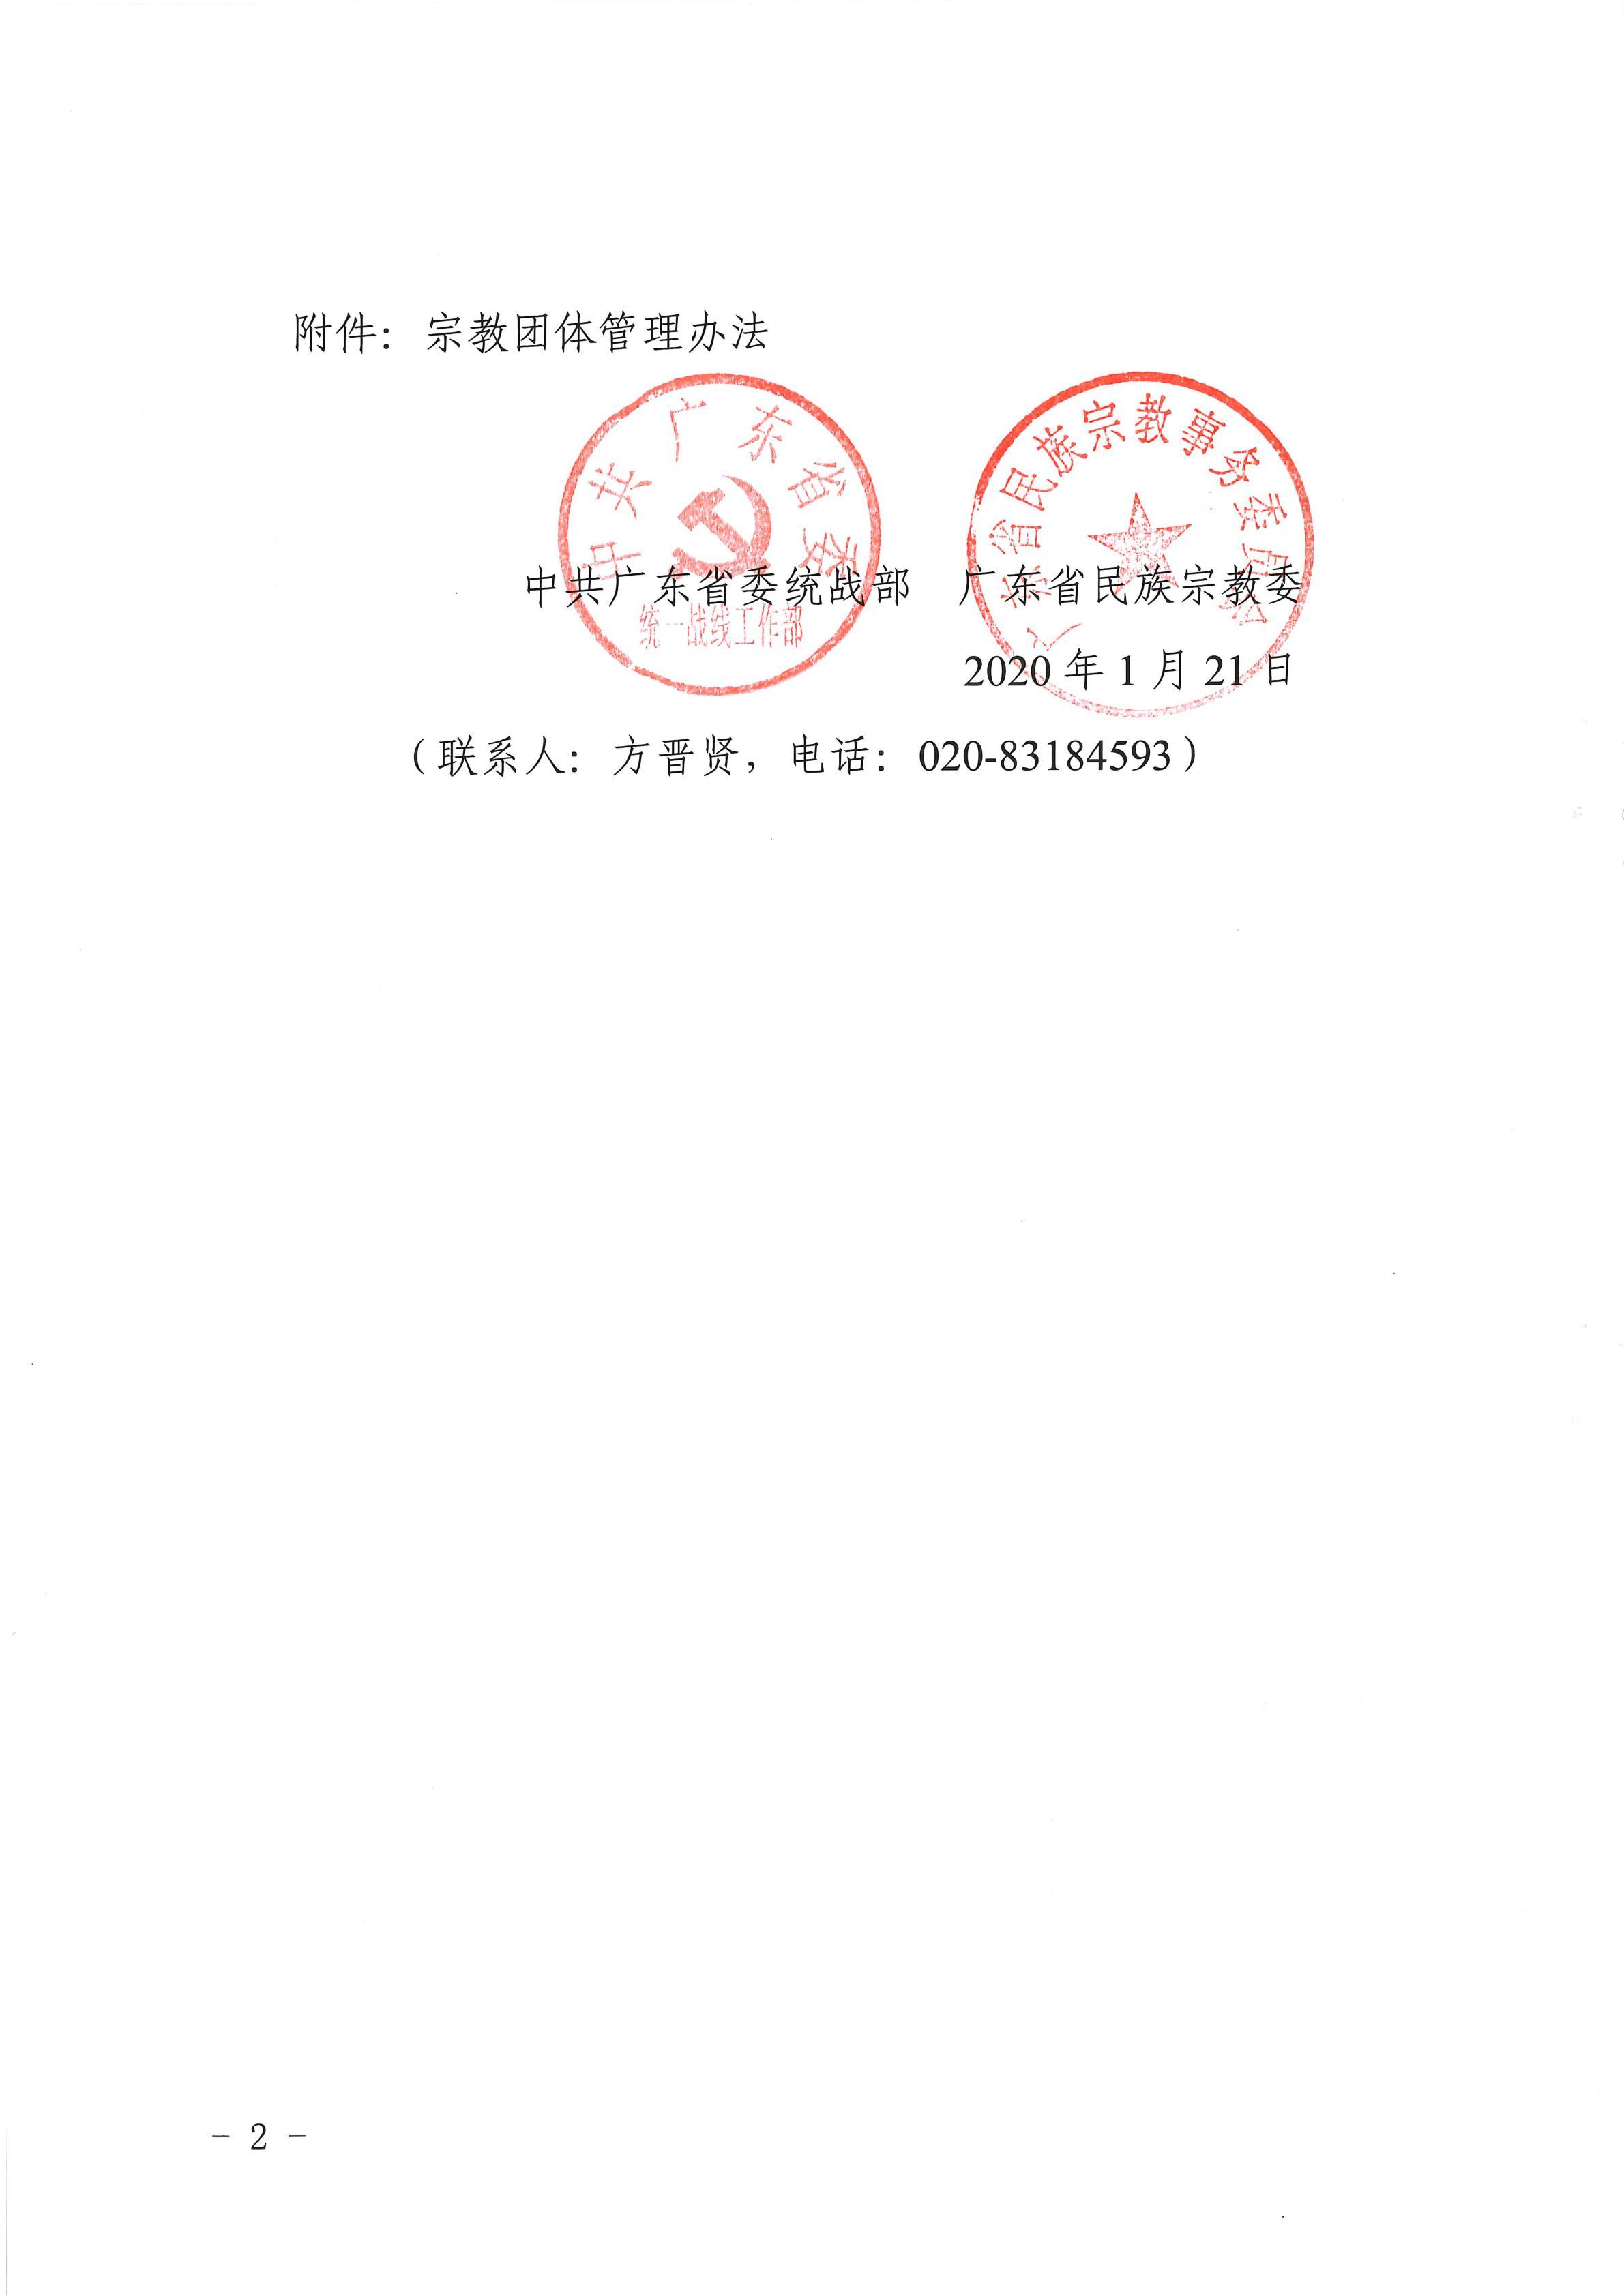 中共广东省委统战部广东省民族宗教委关于转发中央统战部《〈宗教团体管理办法〉宣传提纲》的通知_01.jpg